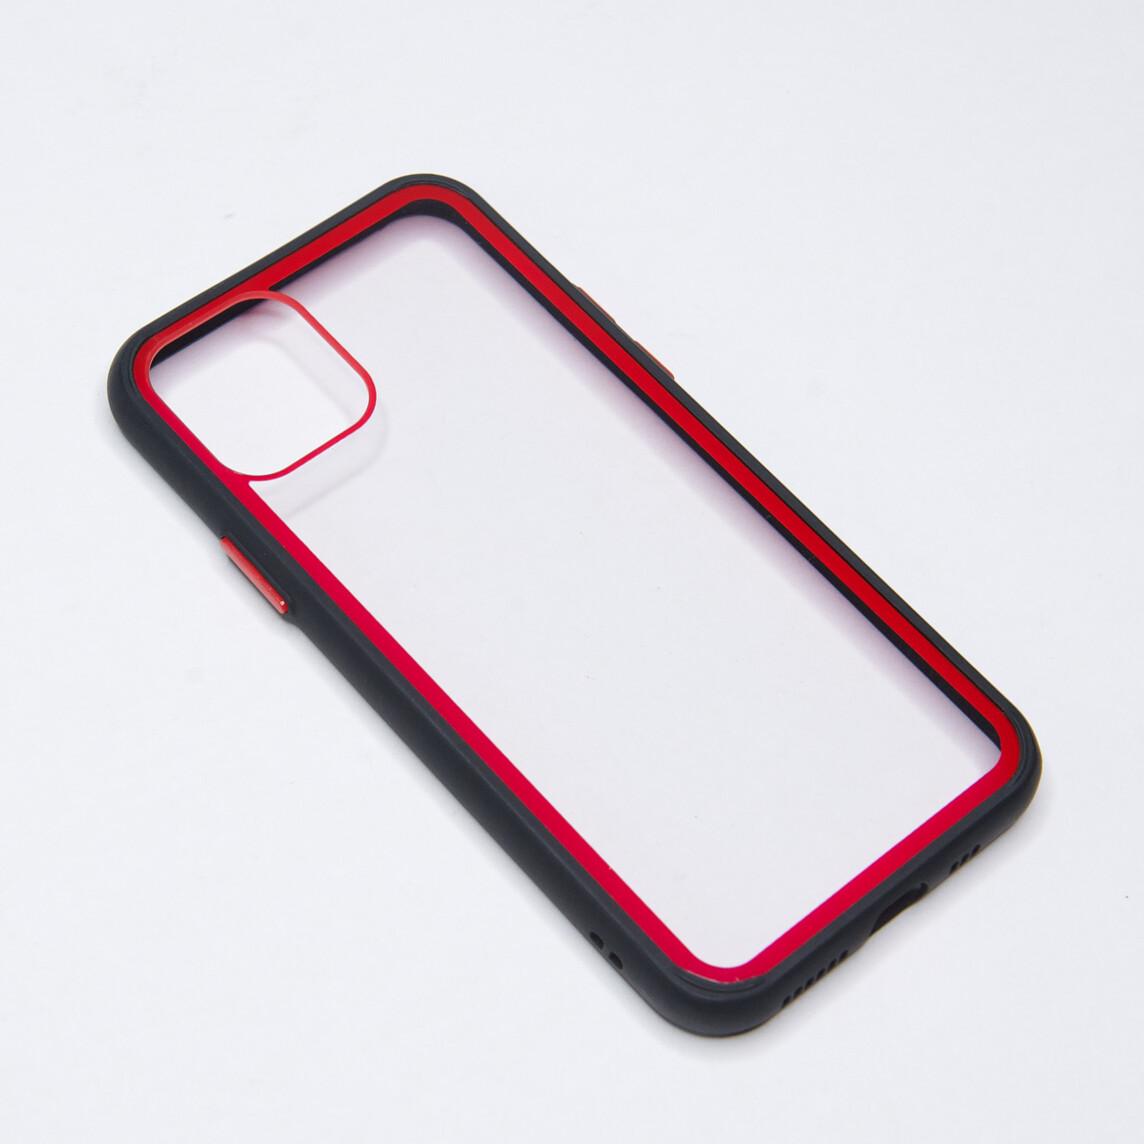 Estuche EL REY Marco De Color Negro Y Parte De Atras Transparente - Iphone 11 Pro